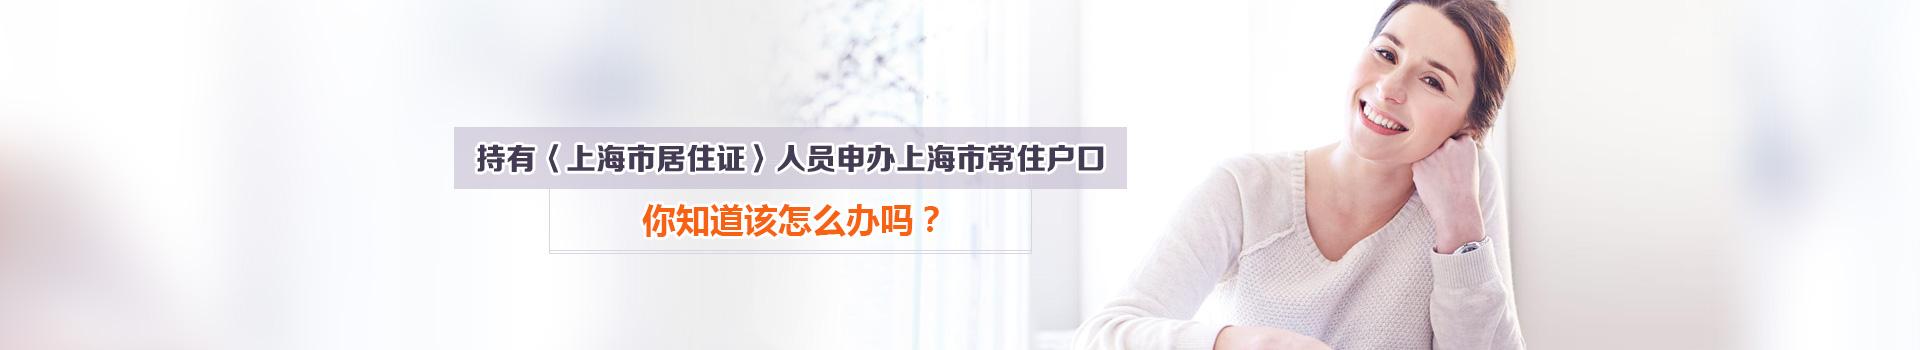 上海居住证转上海户口